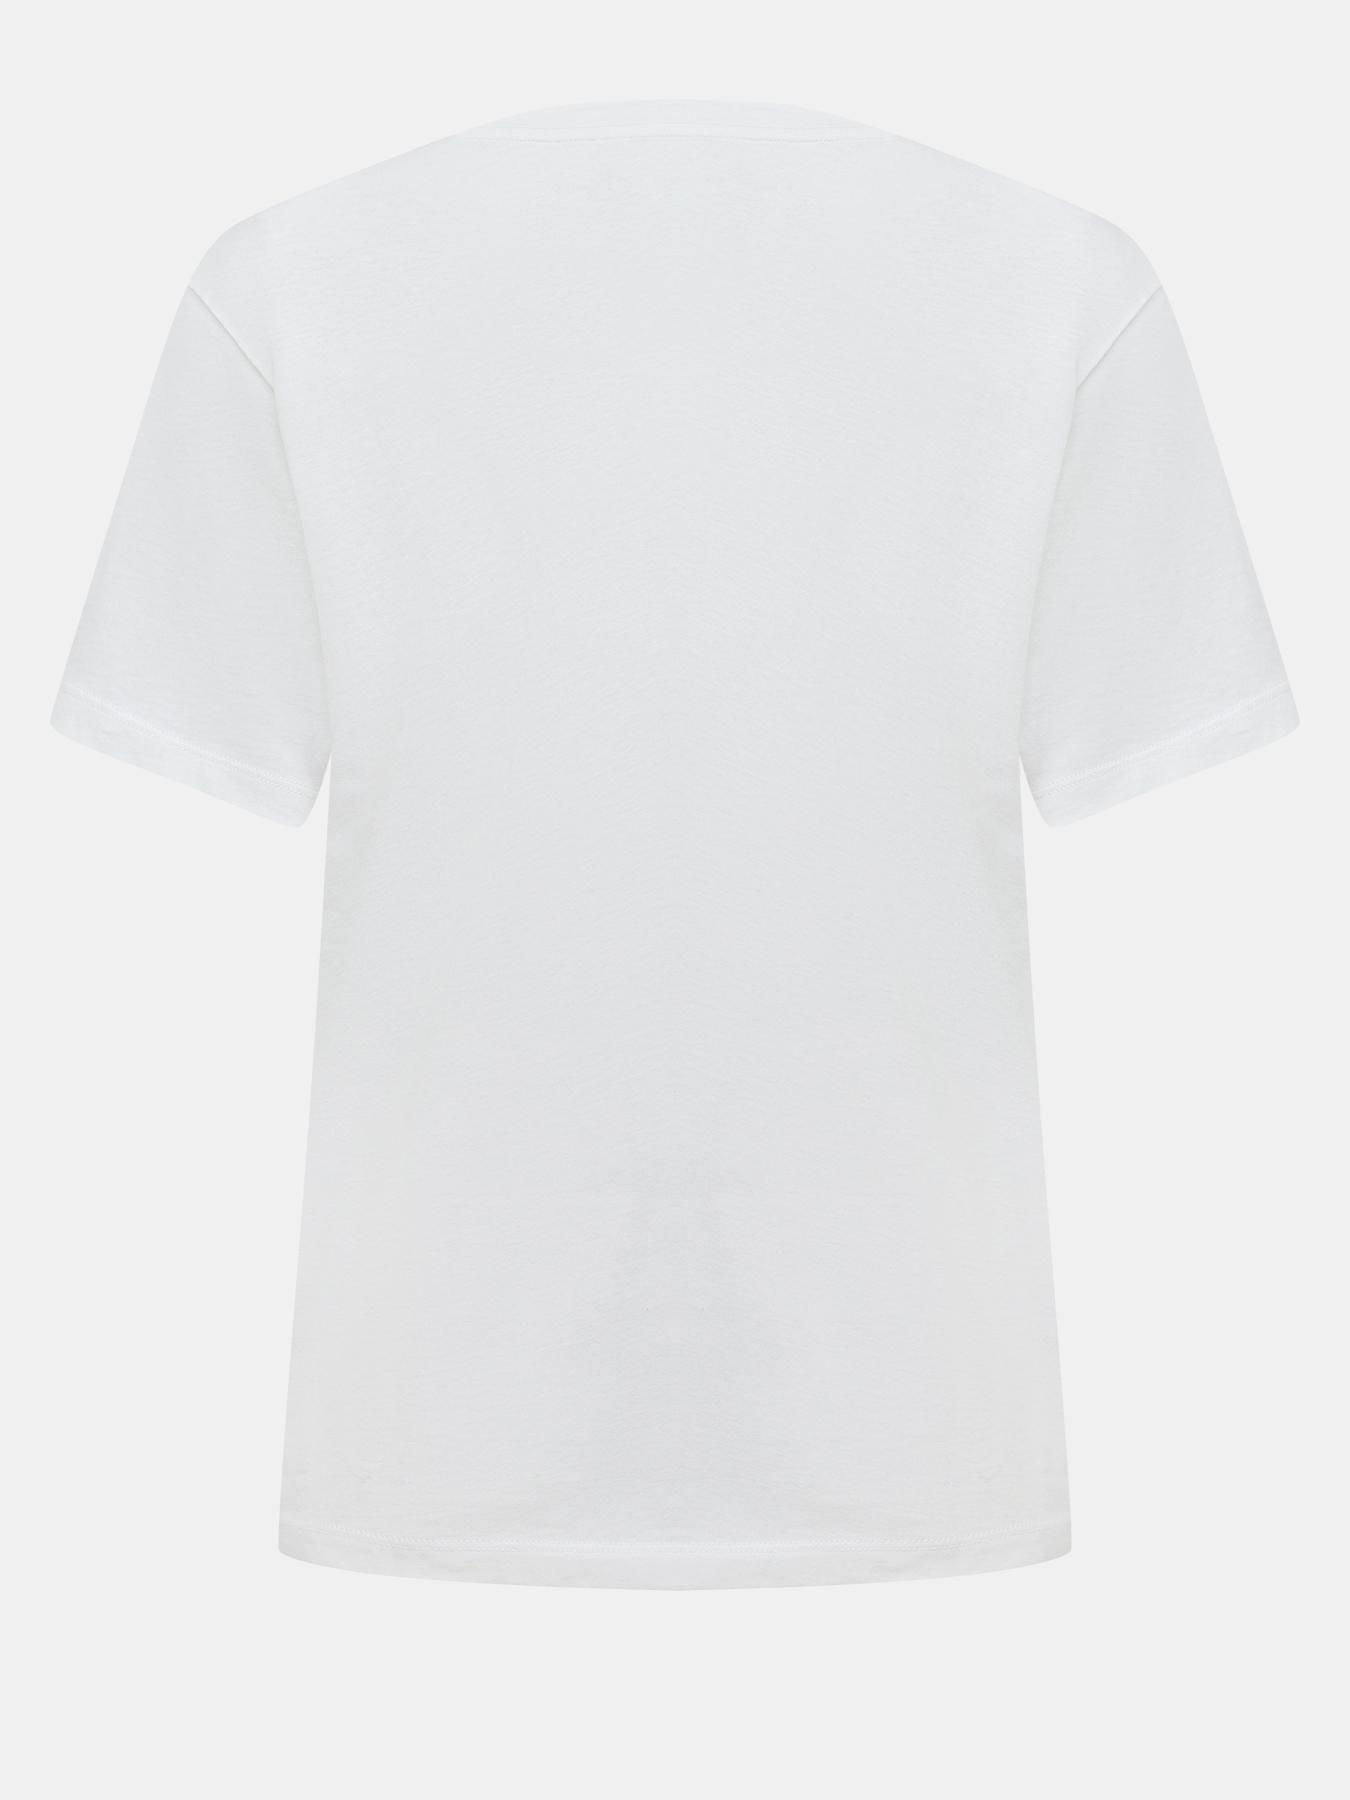 Фуфайка (футболка) Patrizia Pepe Футболка боди patrizia pepe patrizia pepe pa748ewoml56